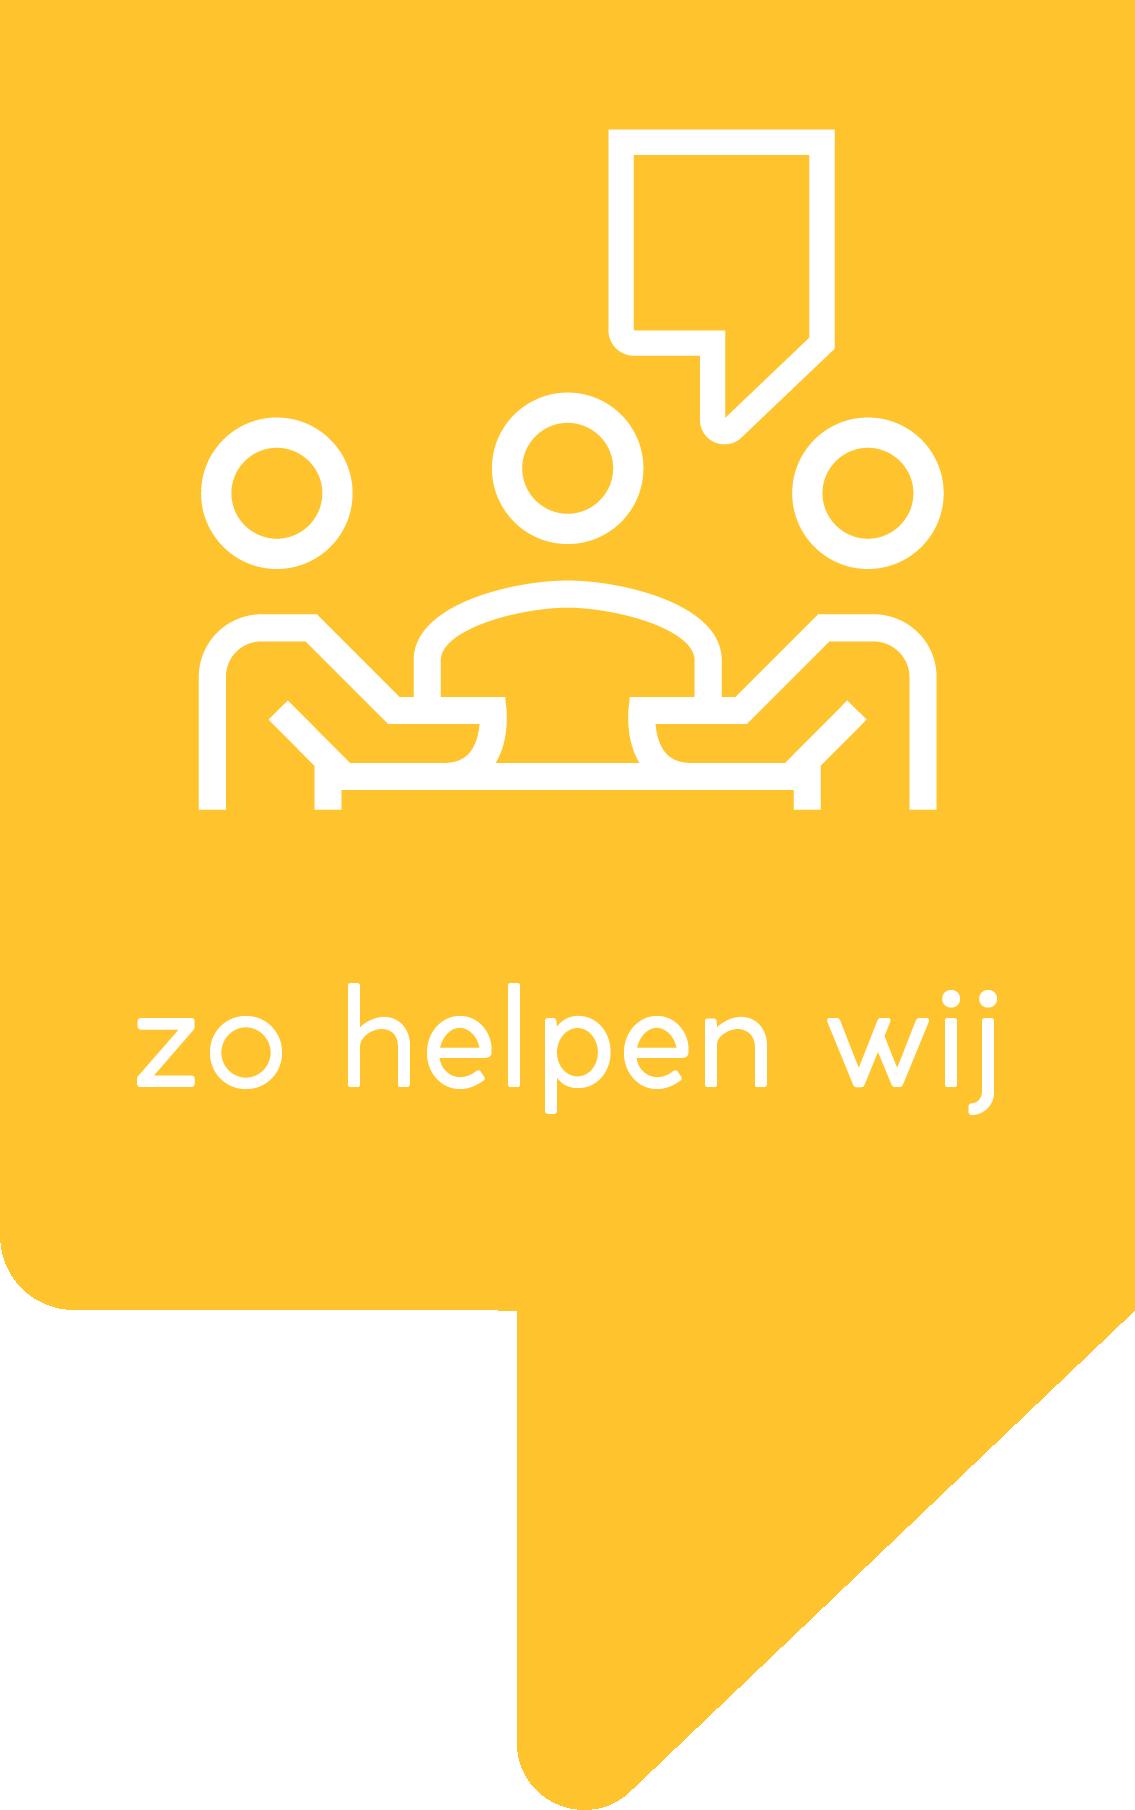 icoon_zohelpenwij.png